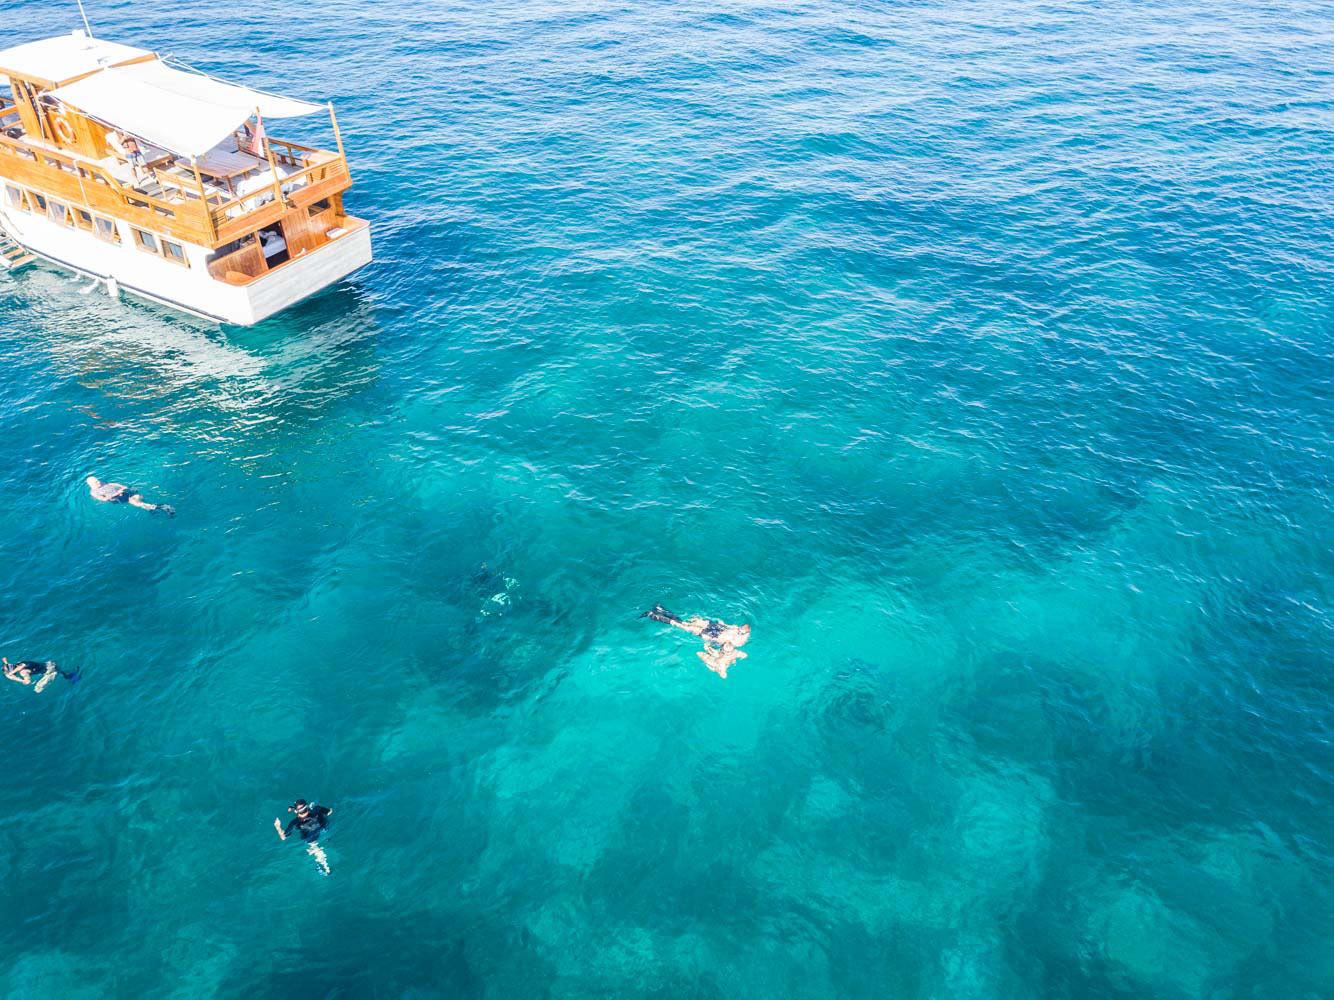 kelana_boat_cruise_sea_komodo.jpg